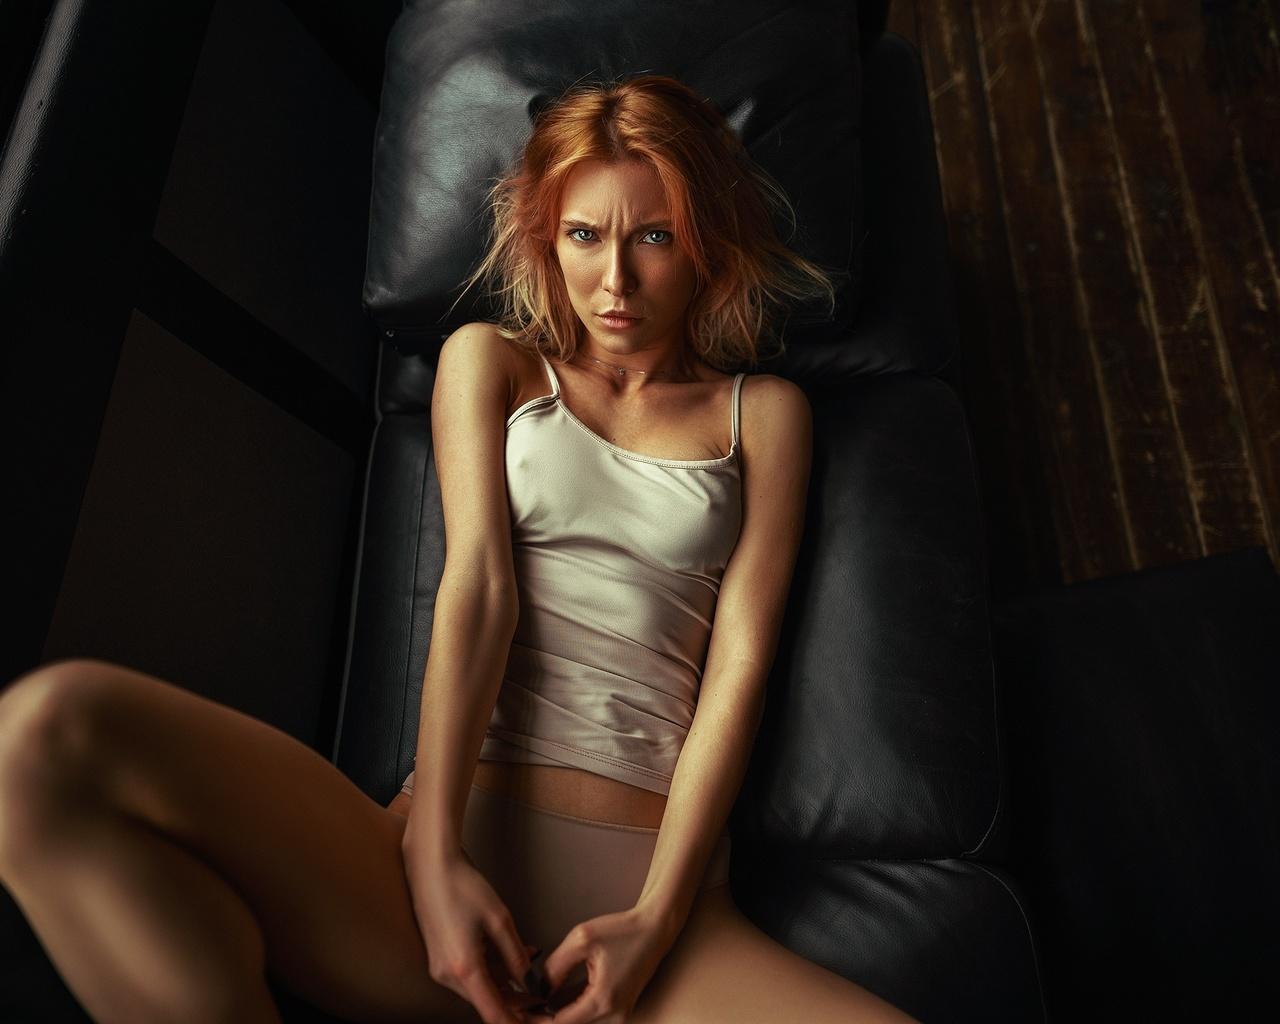 women, couch, panties, nipples through clothing, wooden floor, top view, women indoors, tank top